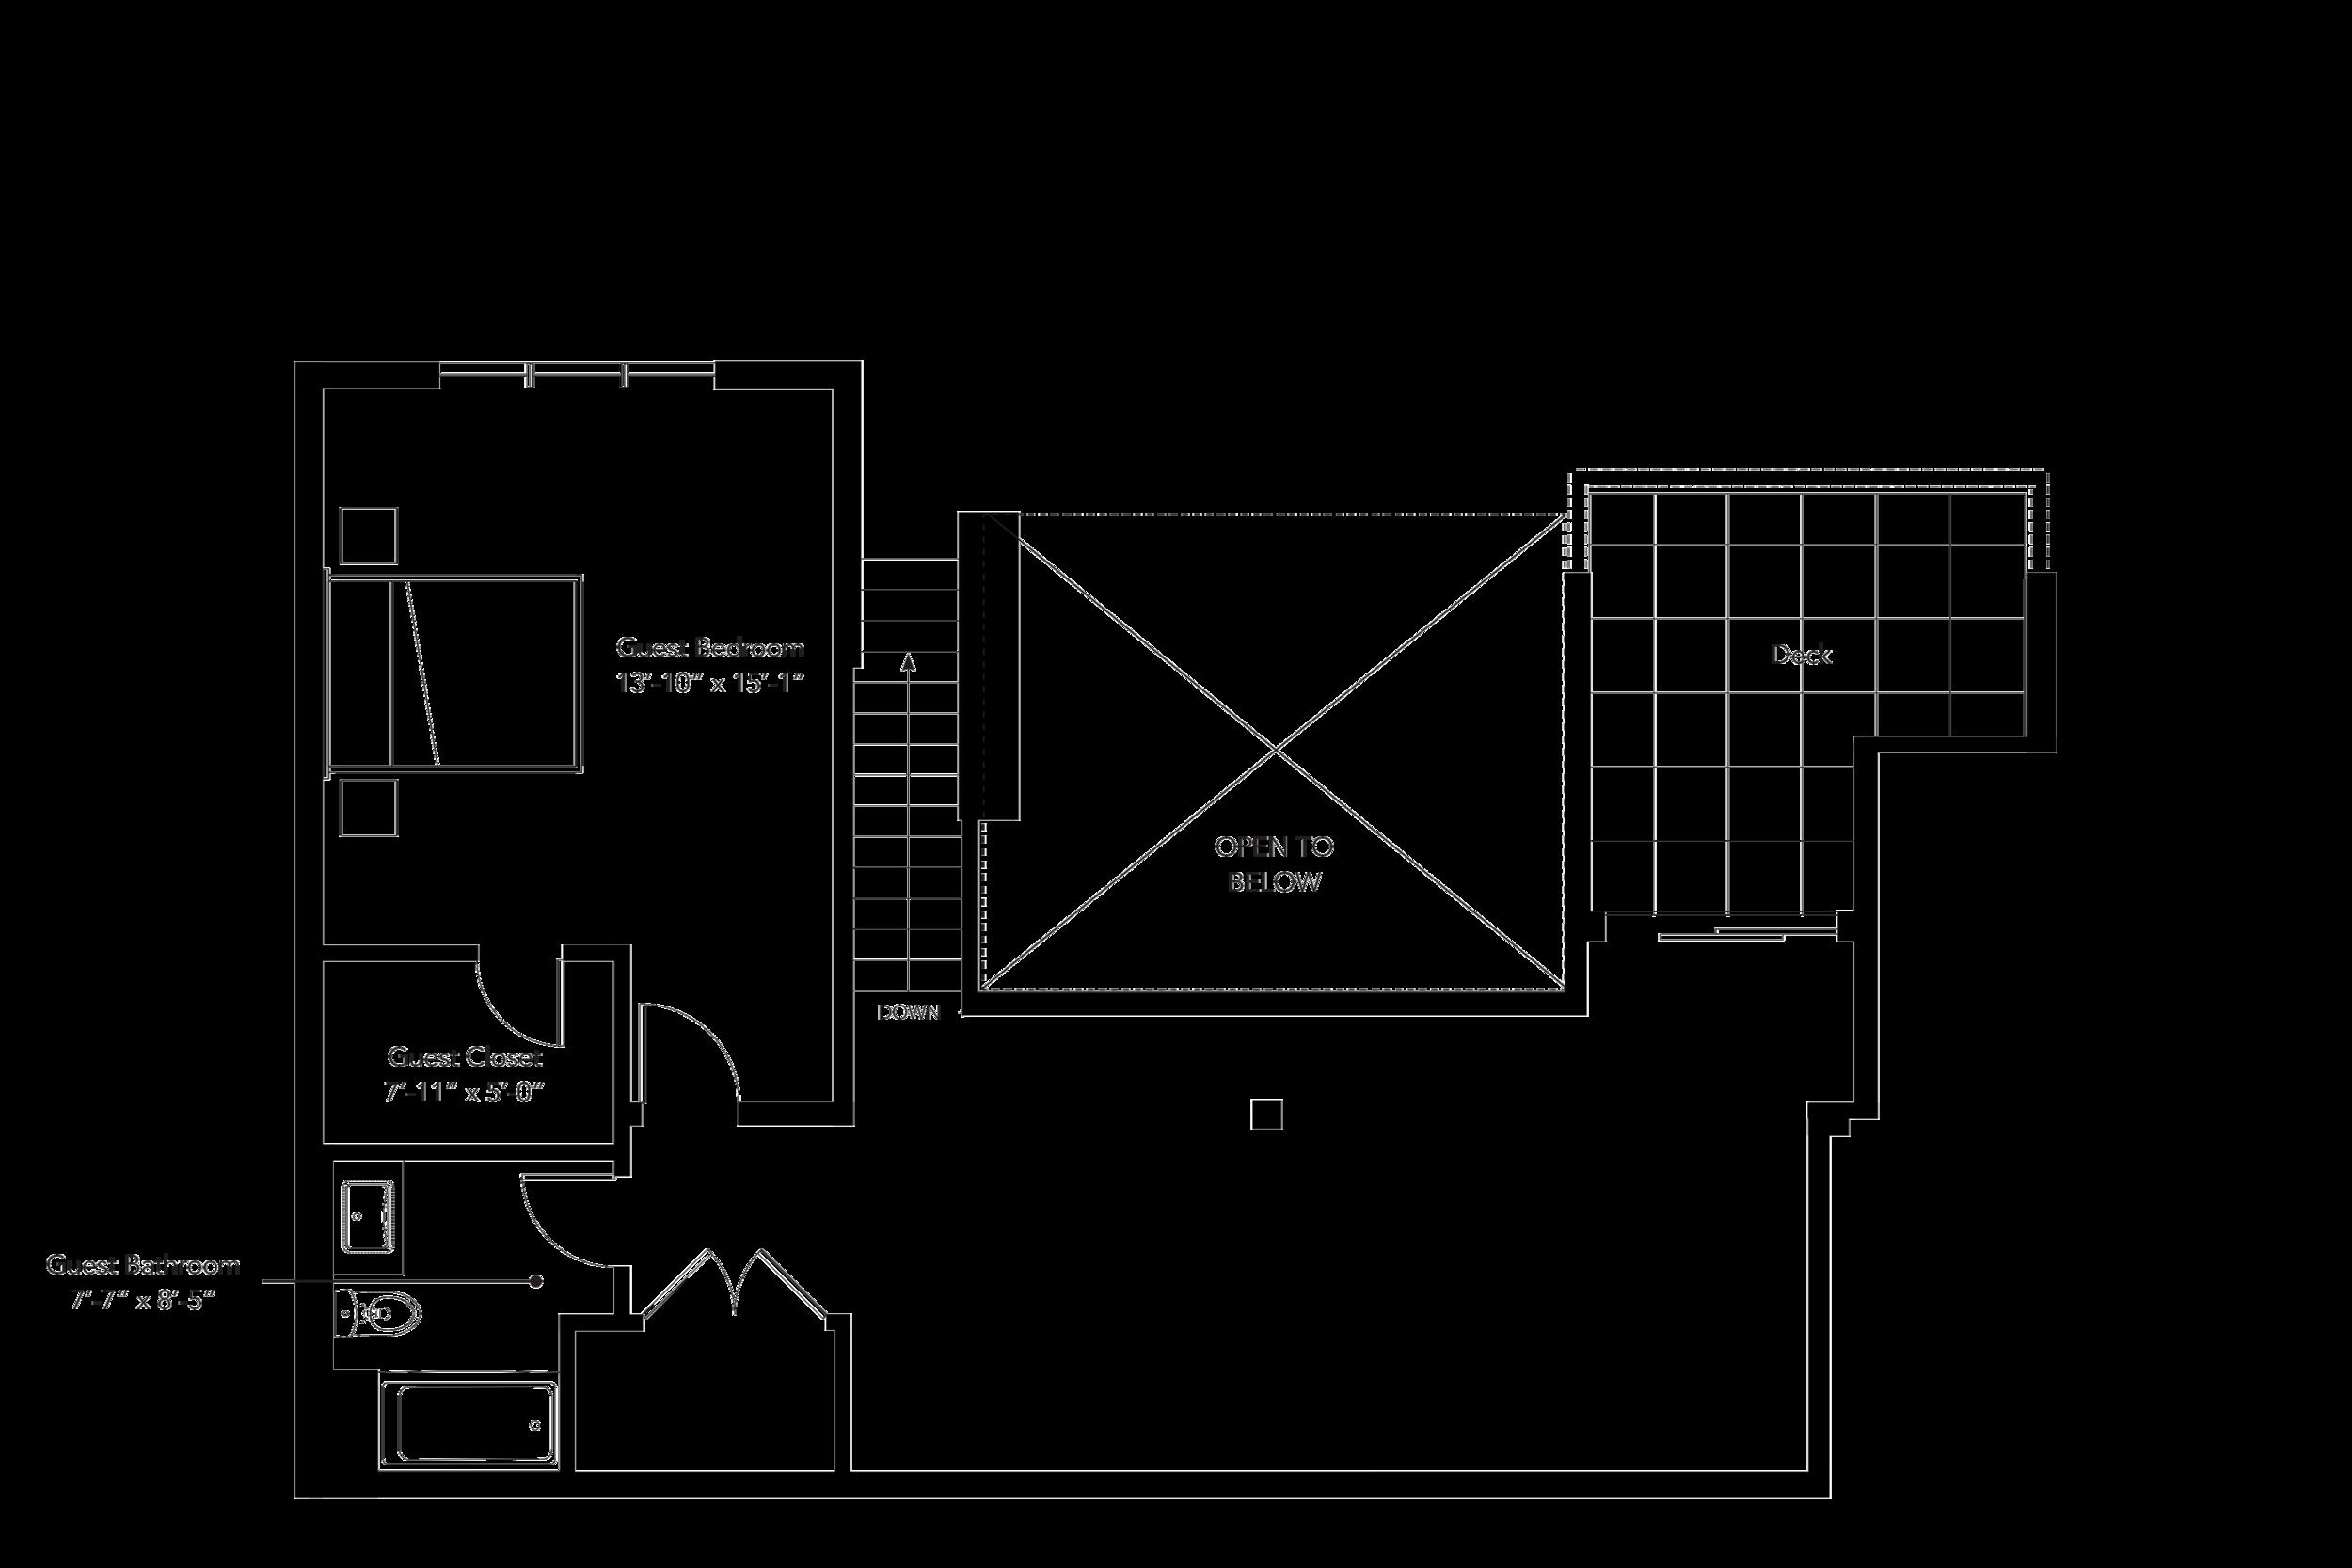 Unit-407-Level-2-Web.png